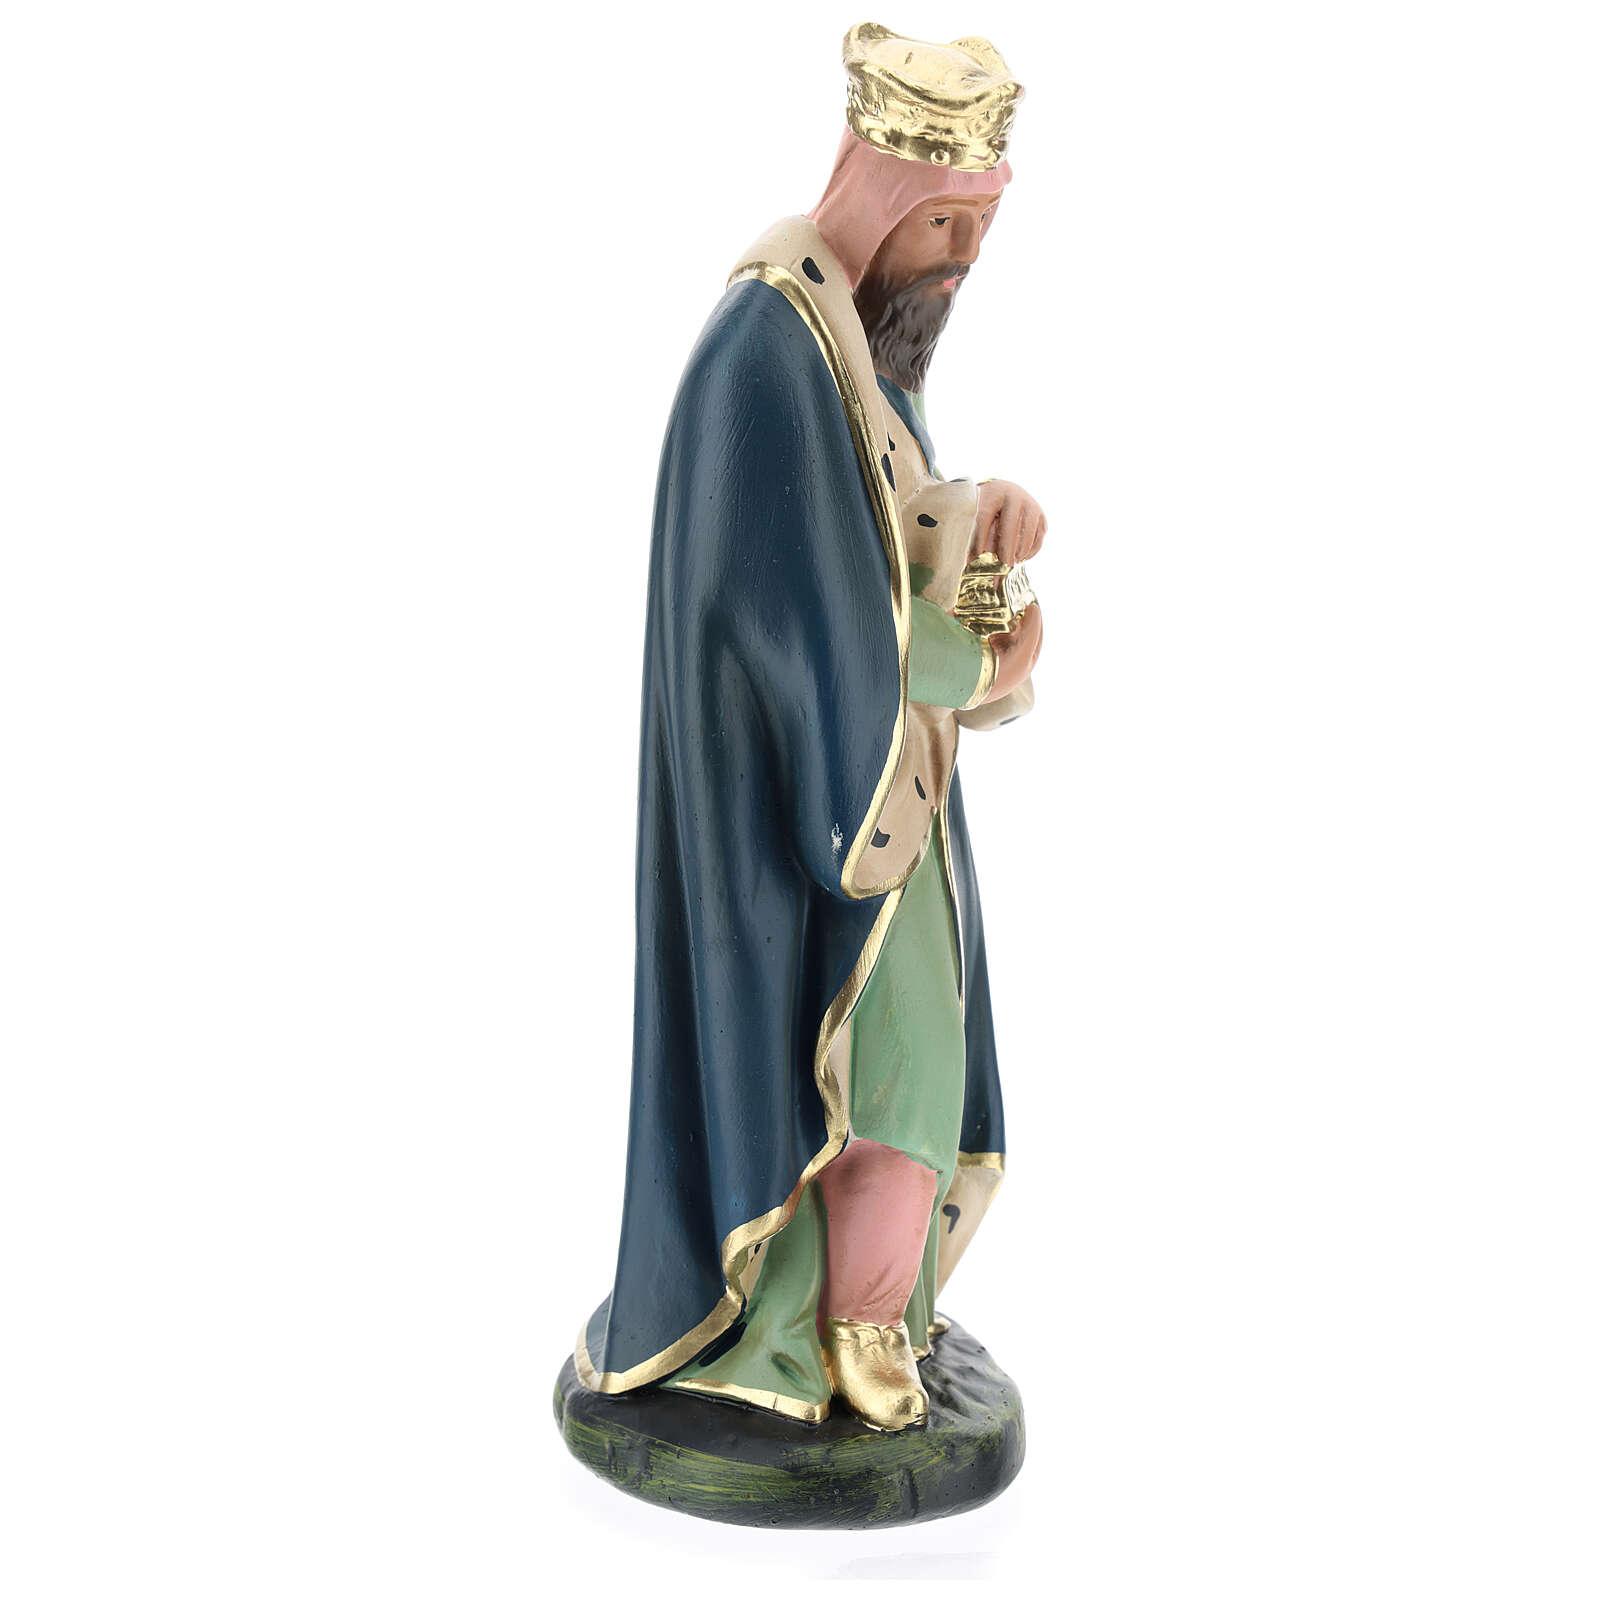 White Wise Man Melchior for Arte Barsanti Nativity Scene 20 cm 4